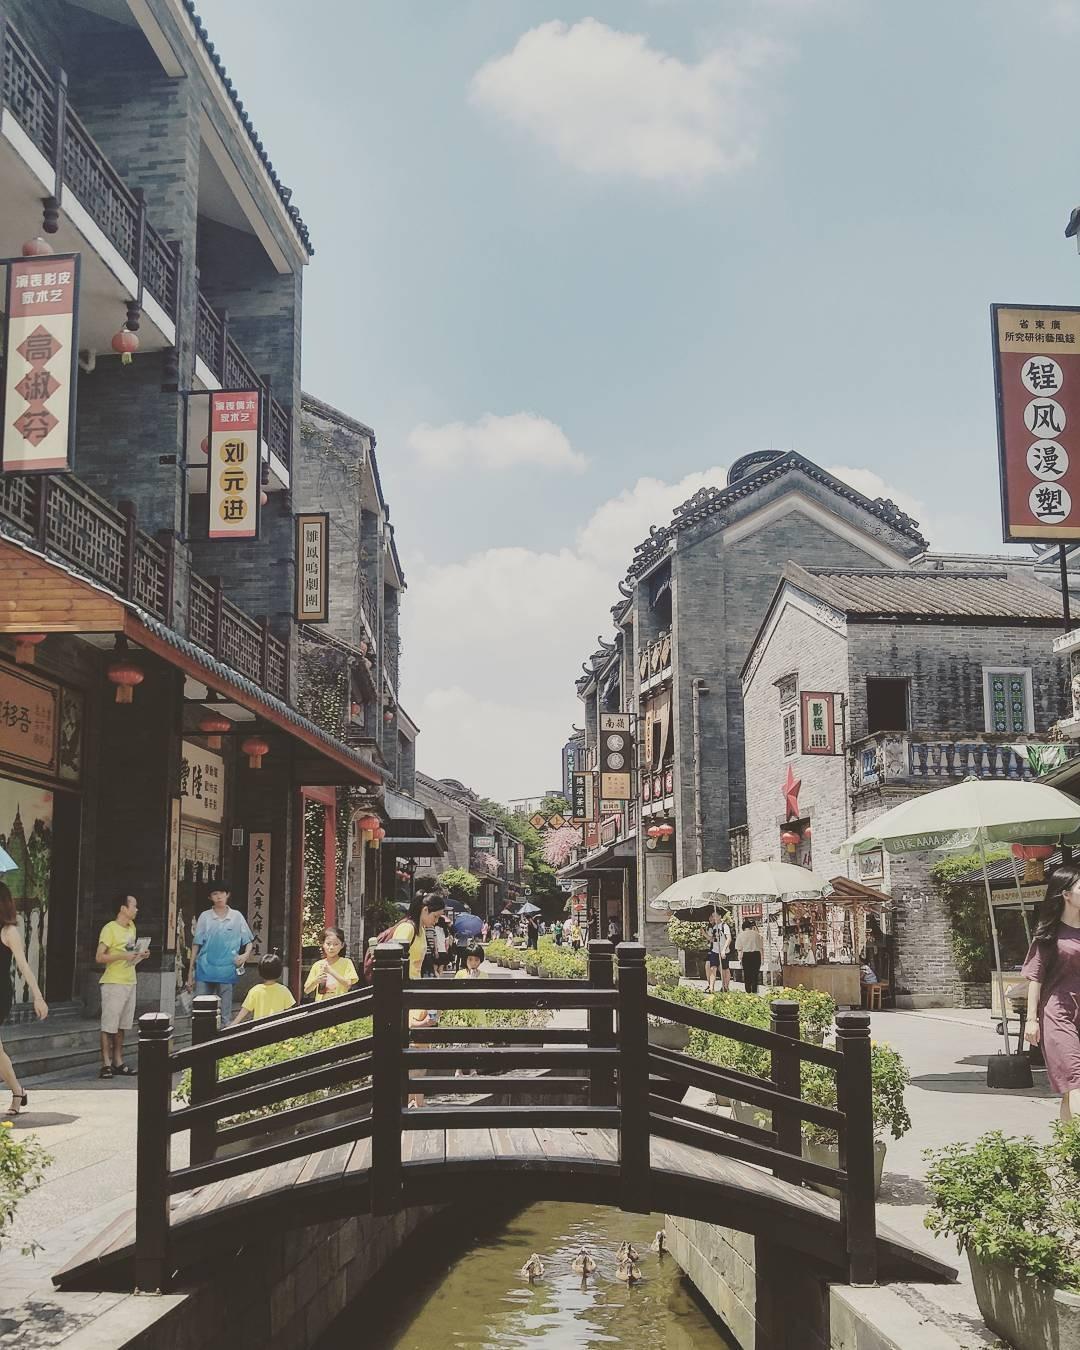 當代中國-中國旅遊-中國文化-廣州-嶺南印象園-2